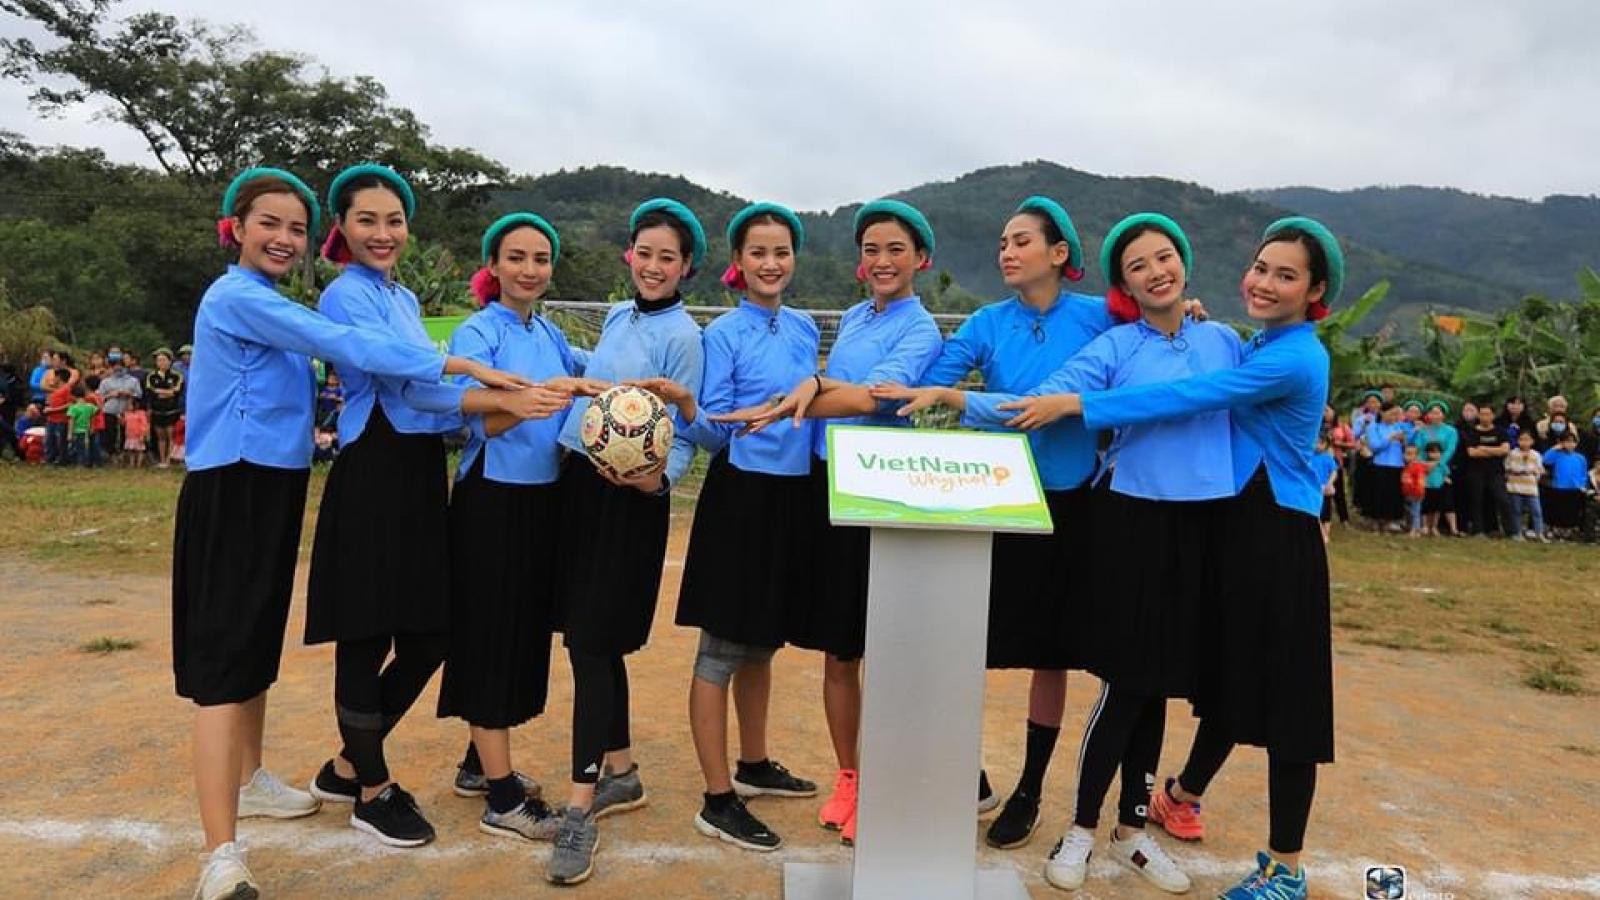 Võ Hoàng Yến, Mâu Thủy mặc váy đá bóng với phụ nữ Sán Chỉ ở Quảng Ninh